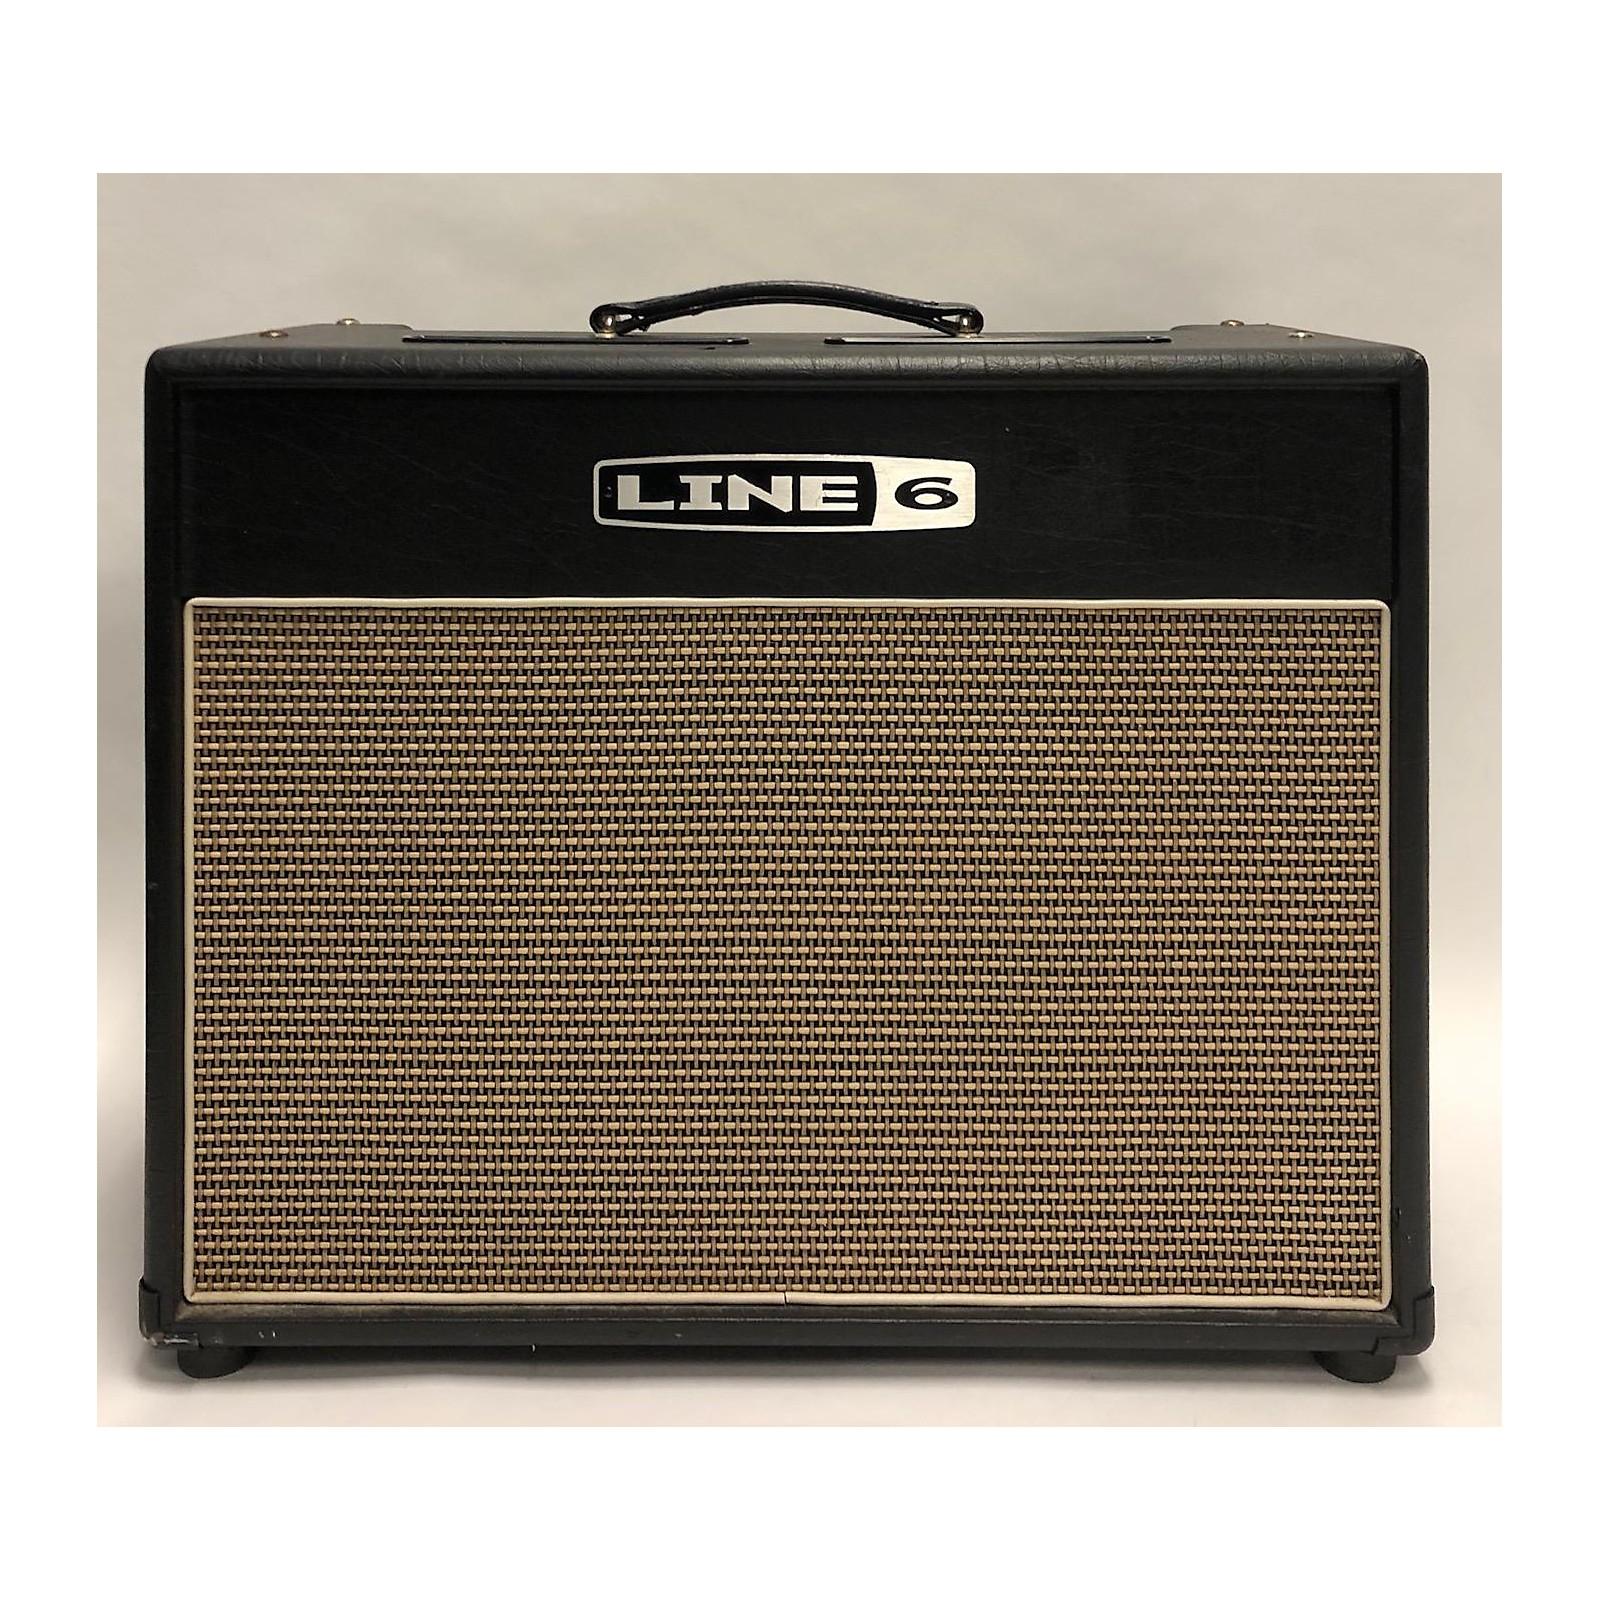 Line 6 Flextone III 1x12 Guitar Combo Amp